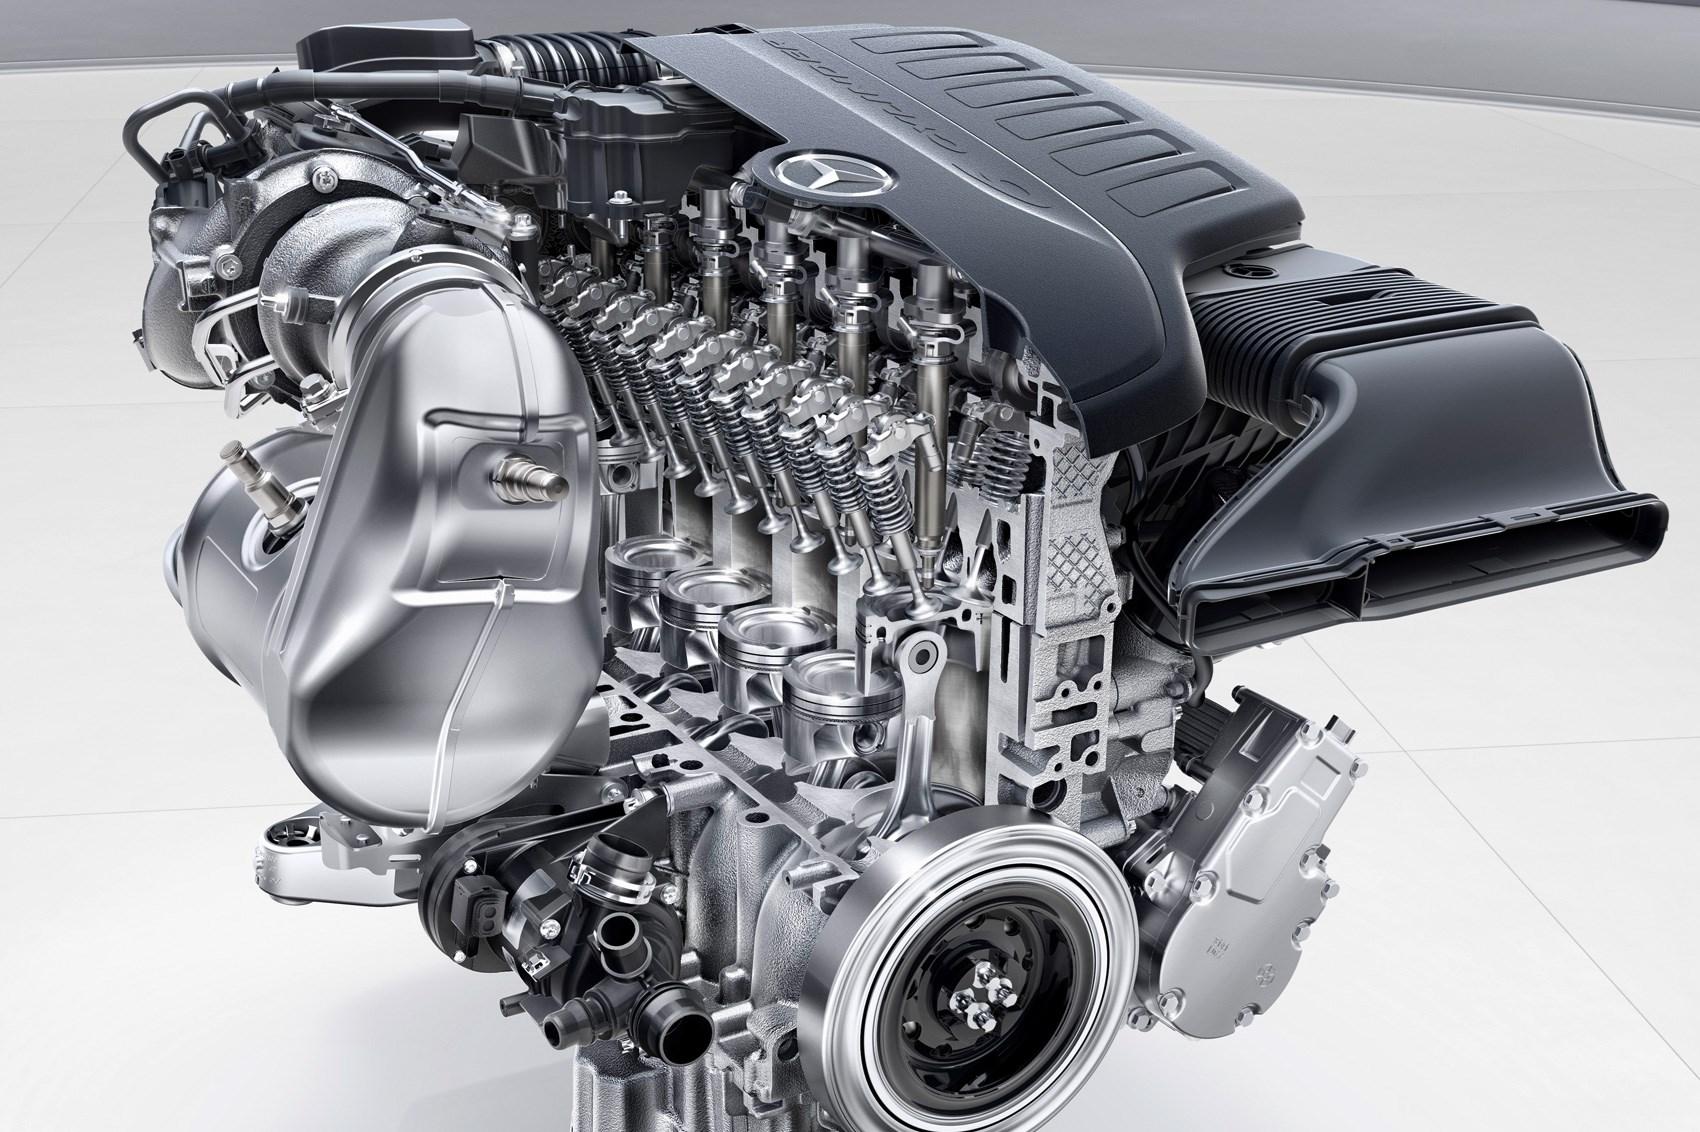 Audi q7 2015 engines 16